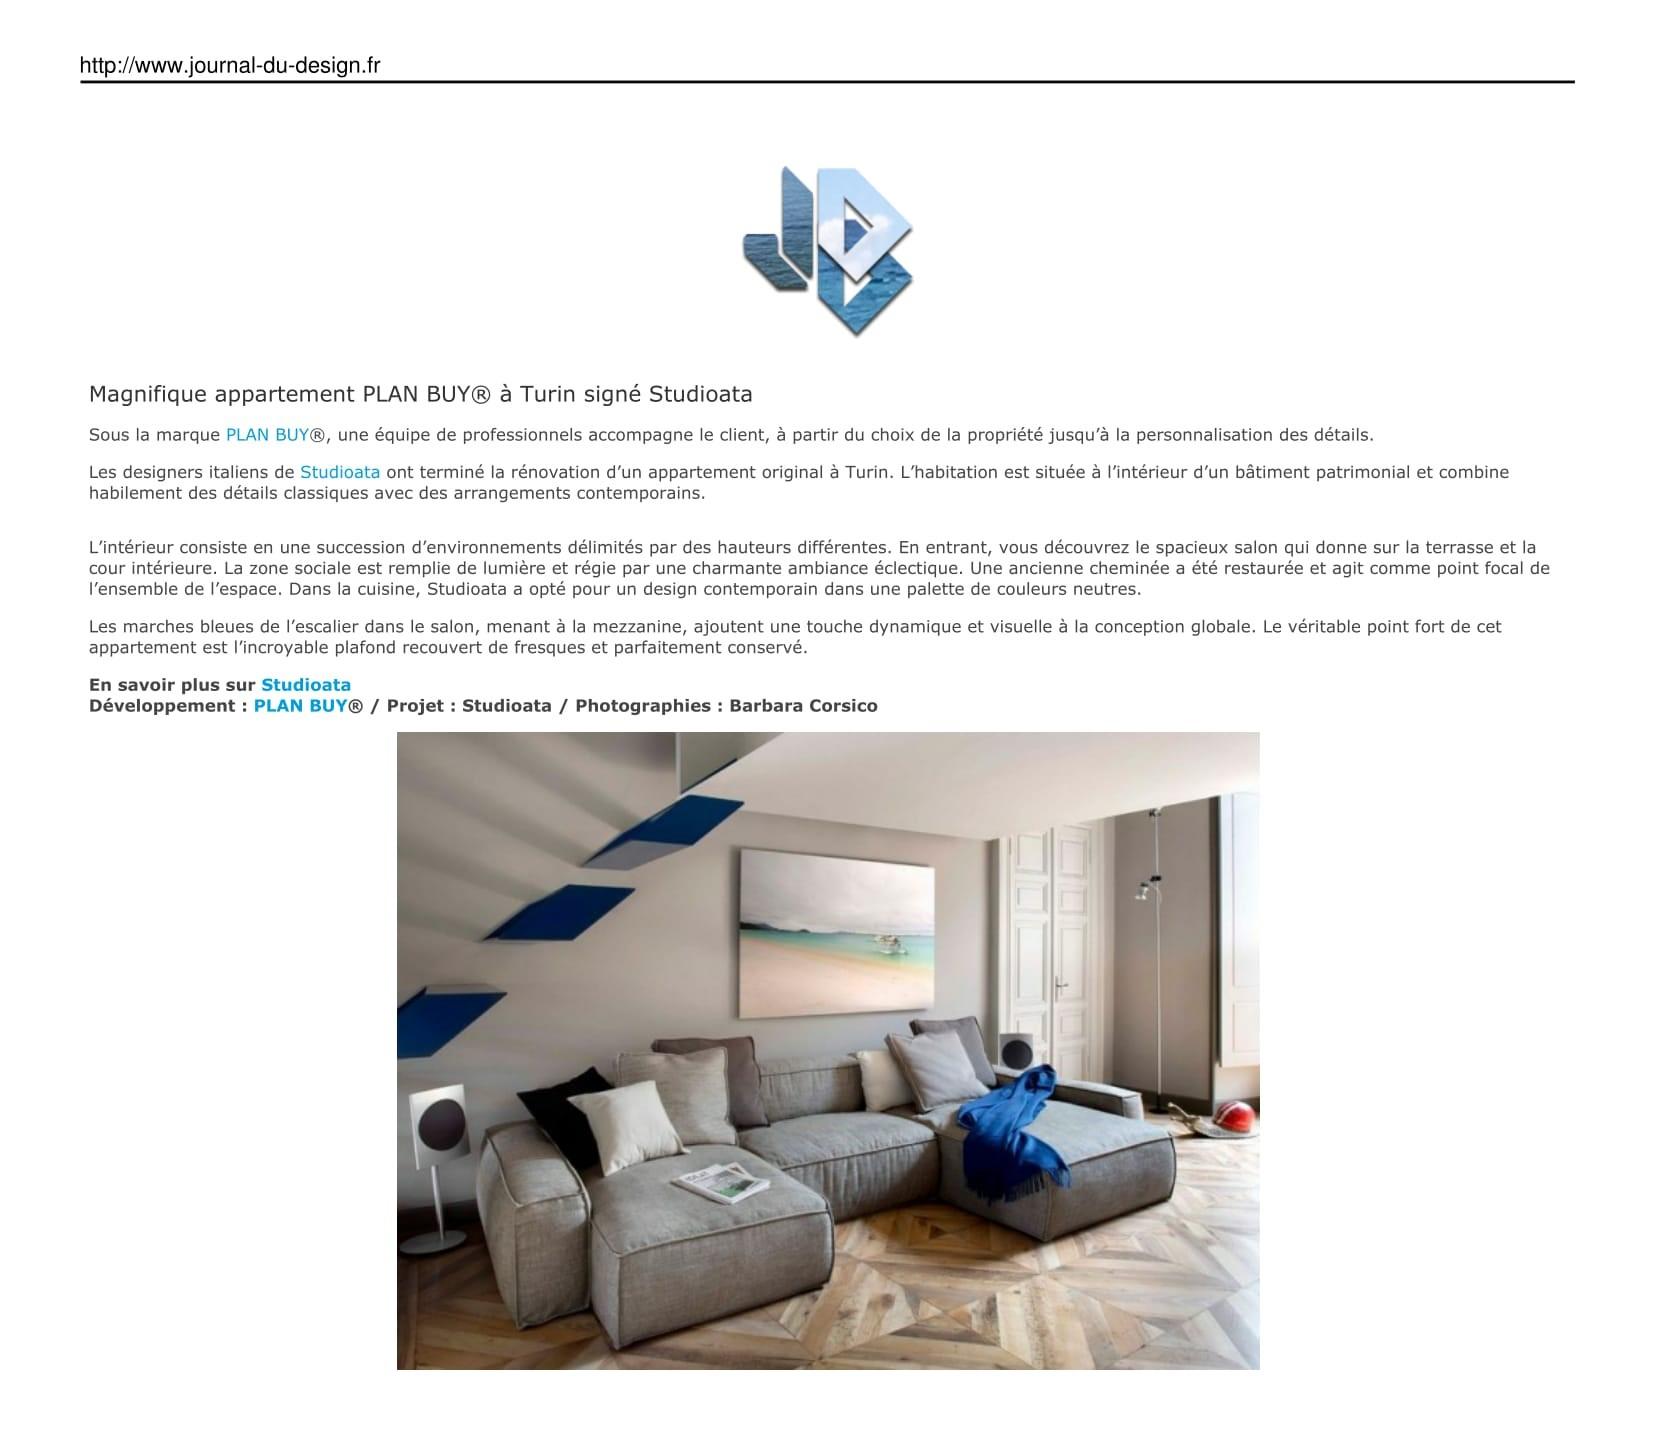 JOURNAL DU DESIGN - France - Le site du design, de l'architecture, de l'art, du high-tech, de la mode et des tendances urbaines.